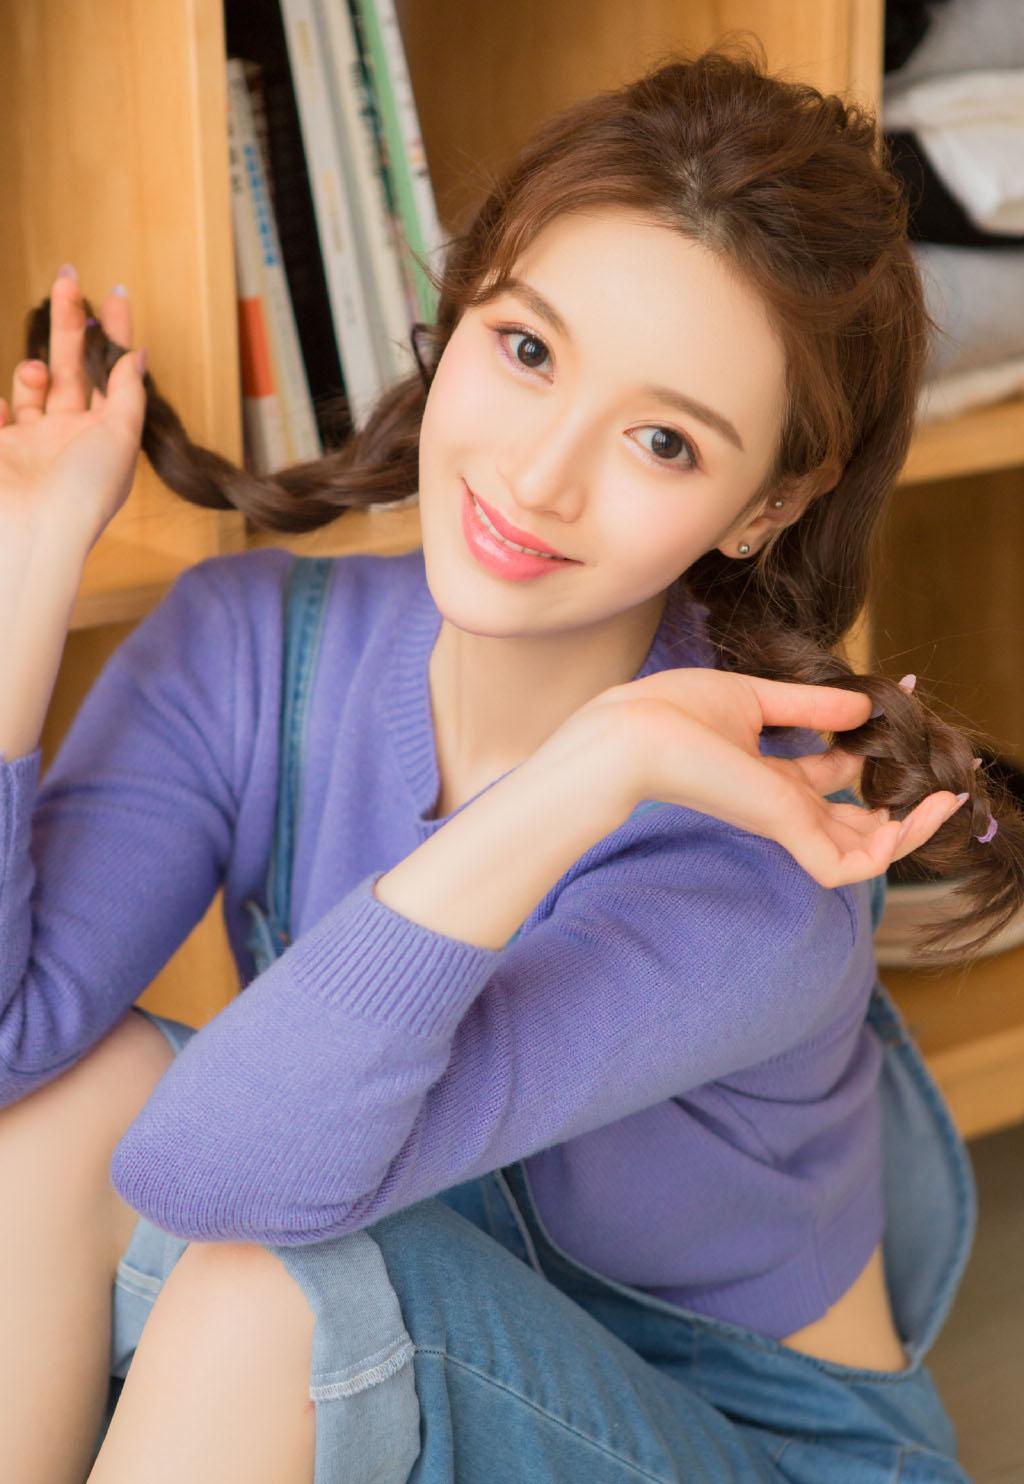 超短裙校服美女��房小清新迷人��真�D片